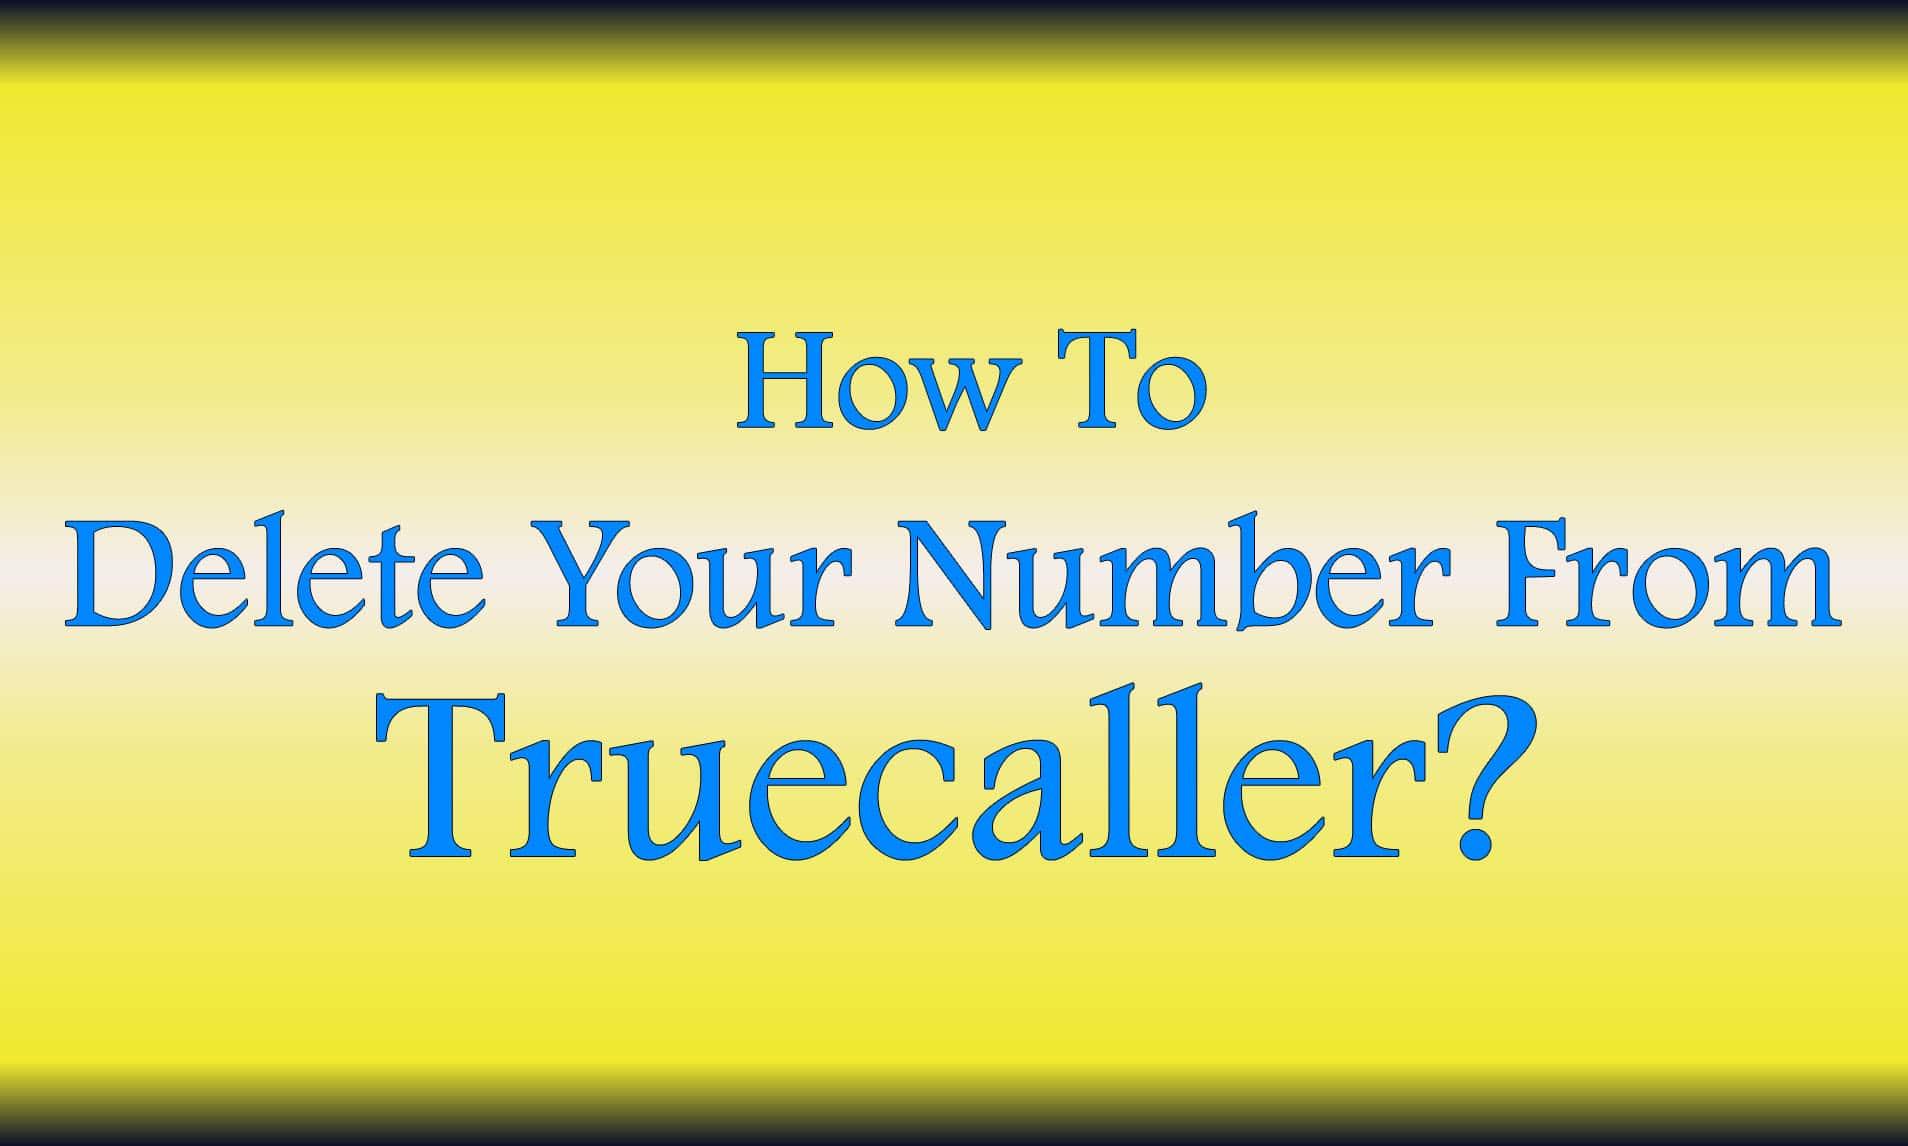 Delete Number From Truecaller